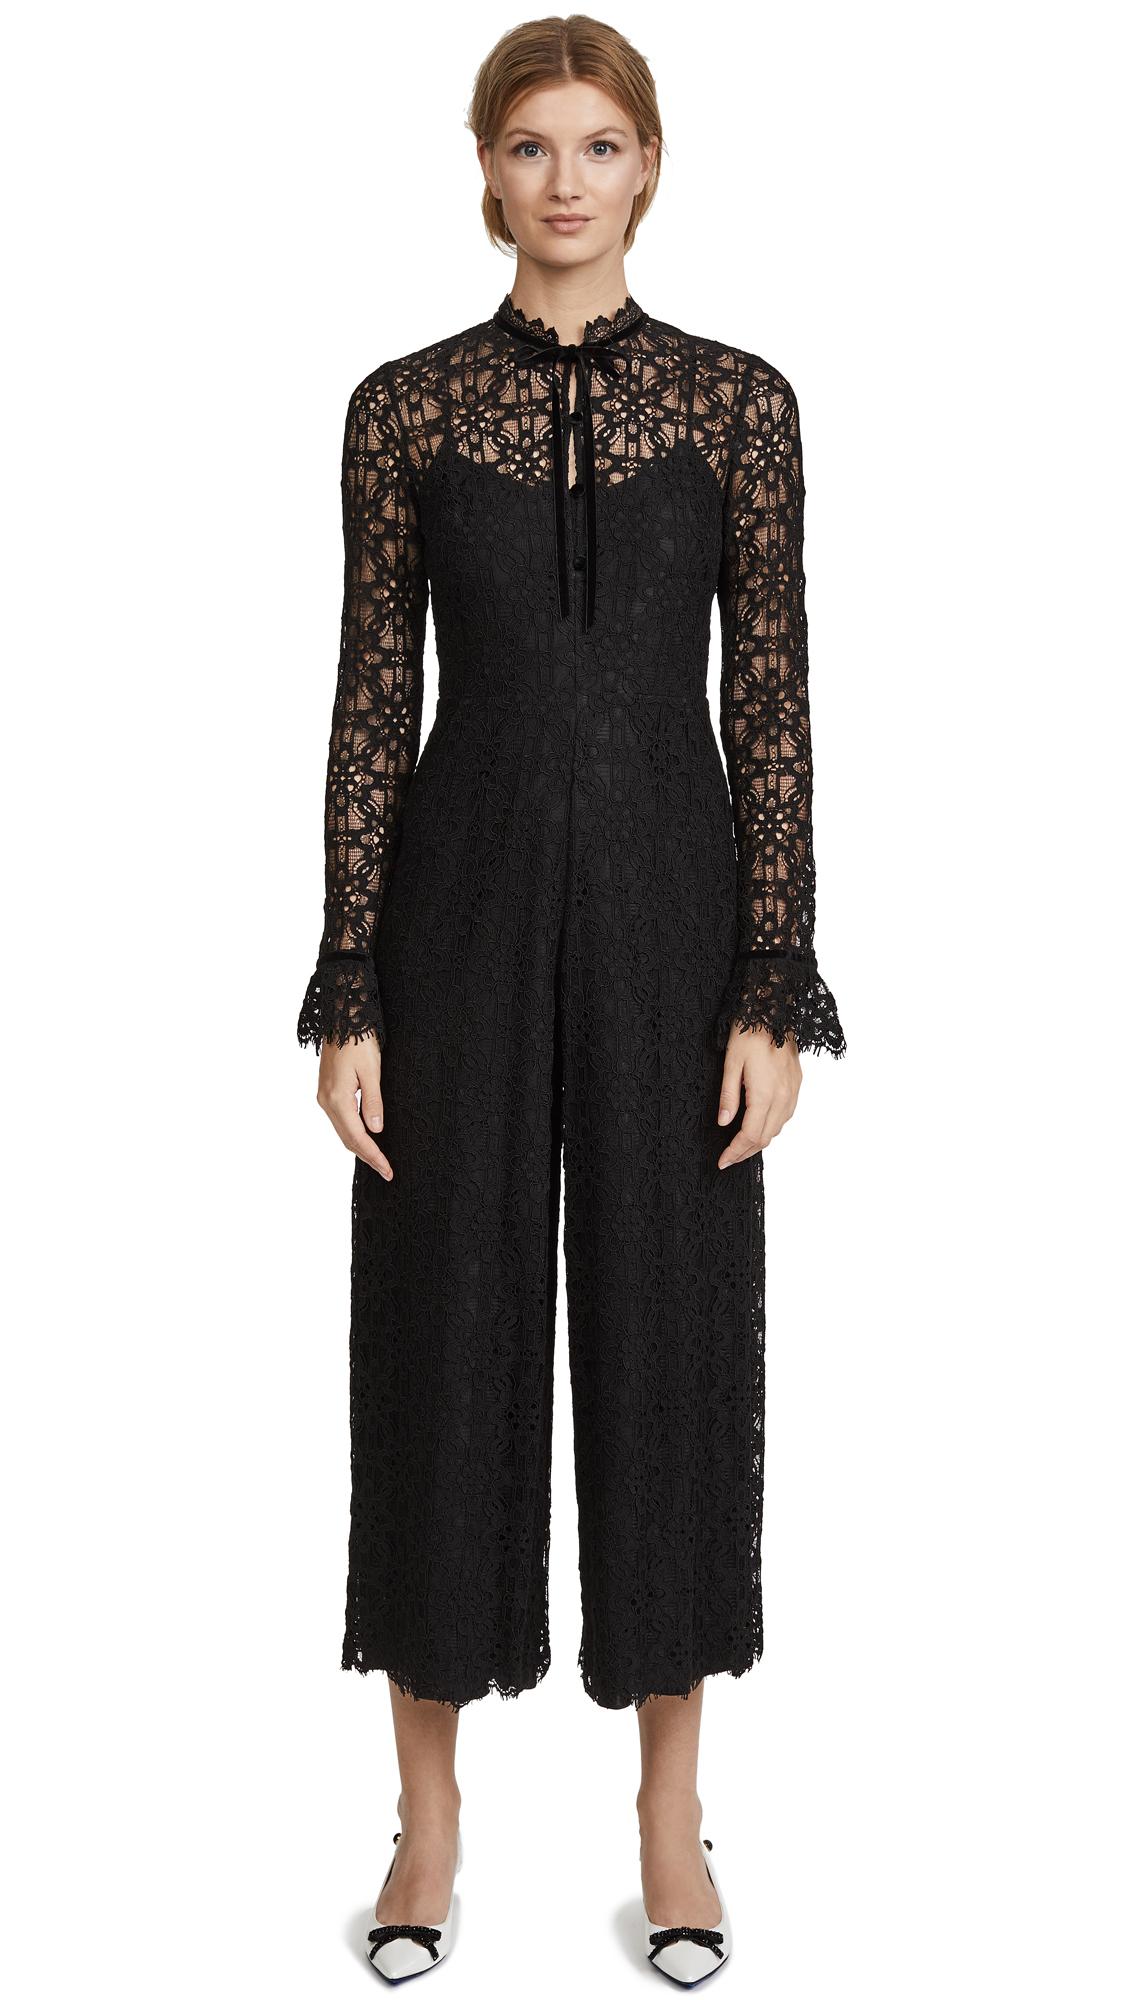 Temperley London Eclipse Lace Jumpsuit - Black